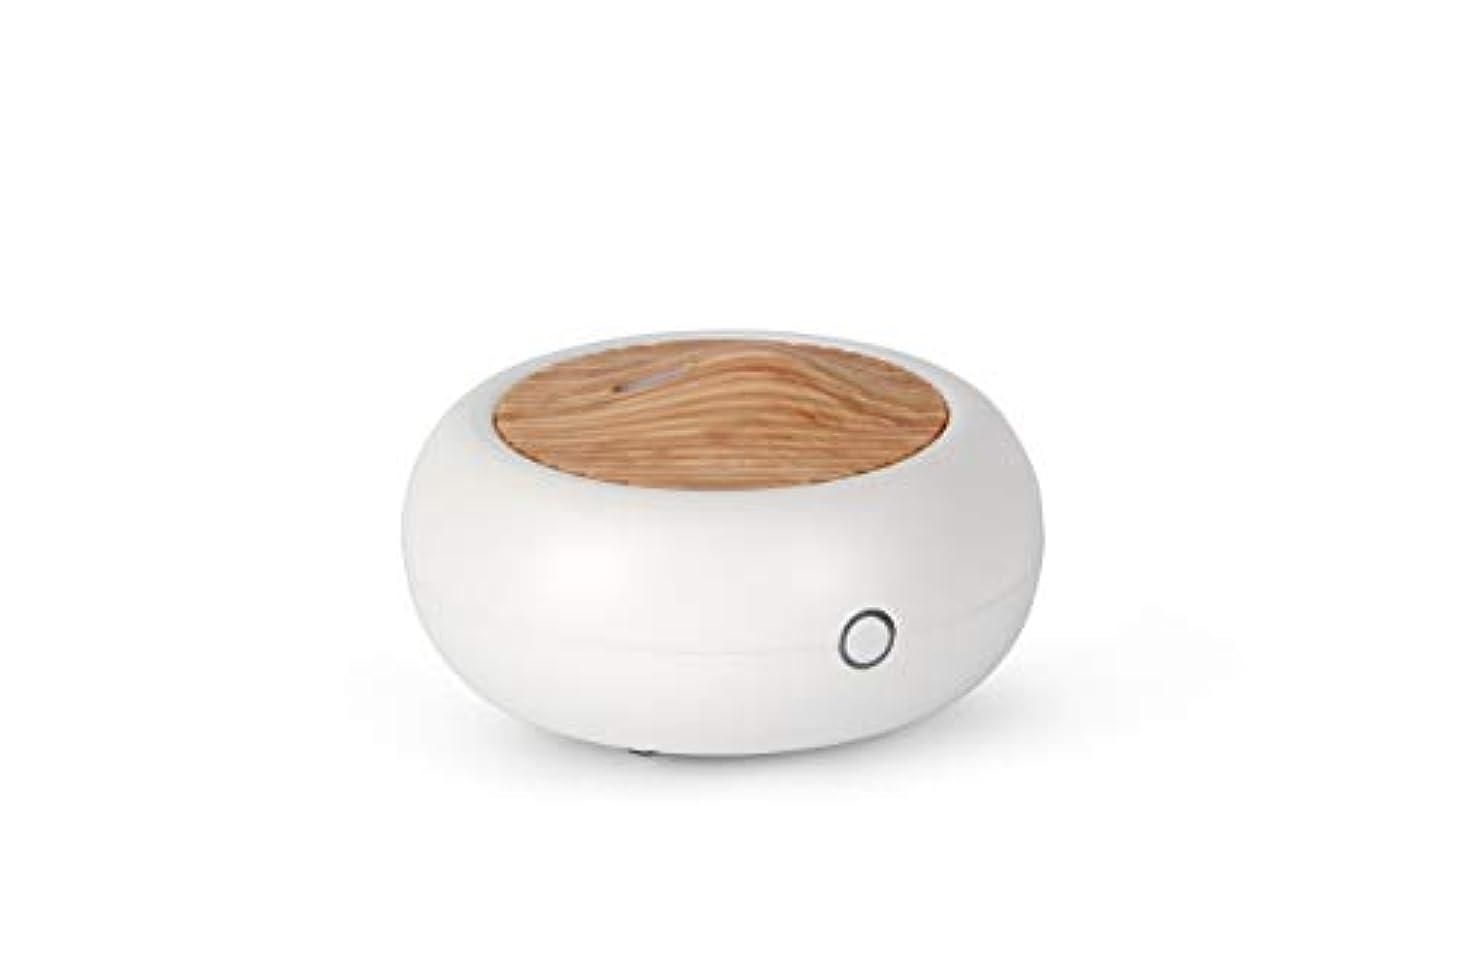 接ぎ木独立して補足アロマディフューザーGA102-WD 加湿器 パーソナル卓上タイプ 木目調 Micro-USB 空焚き防止